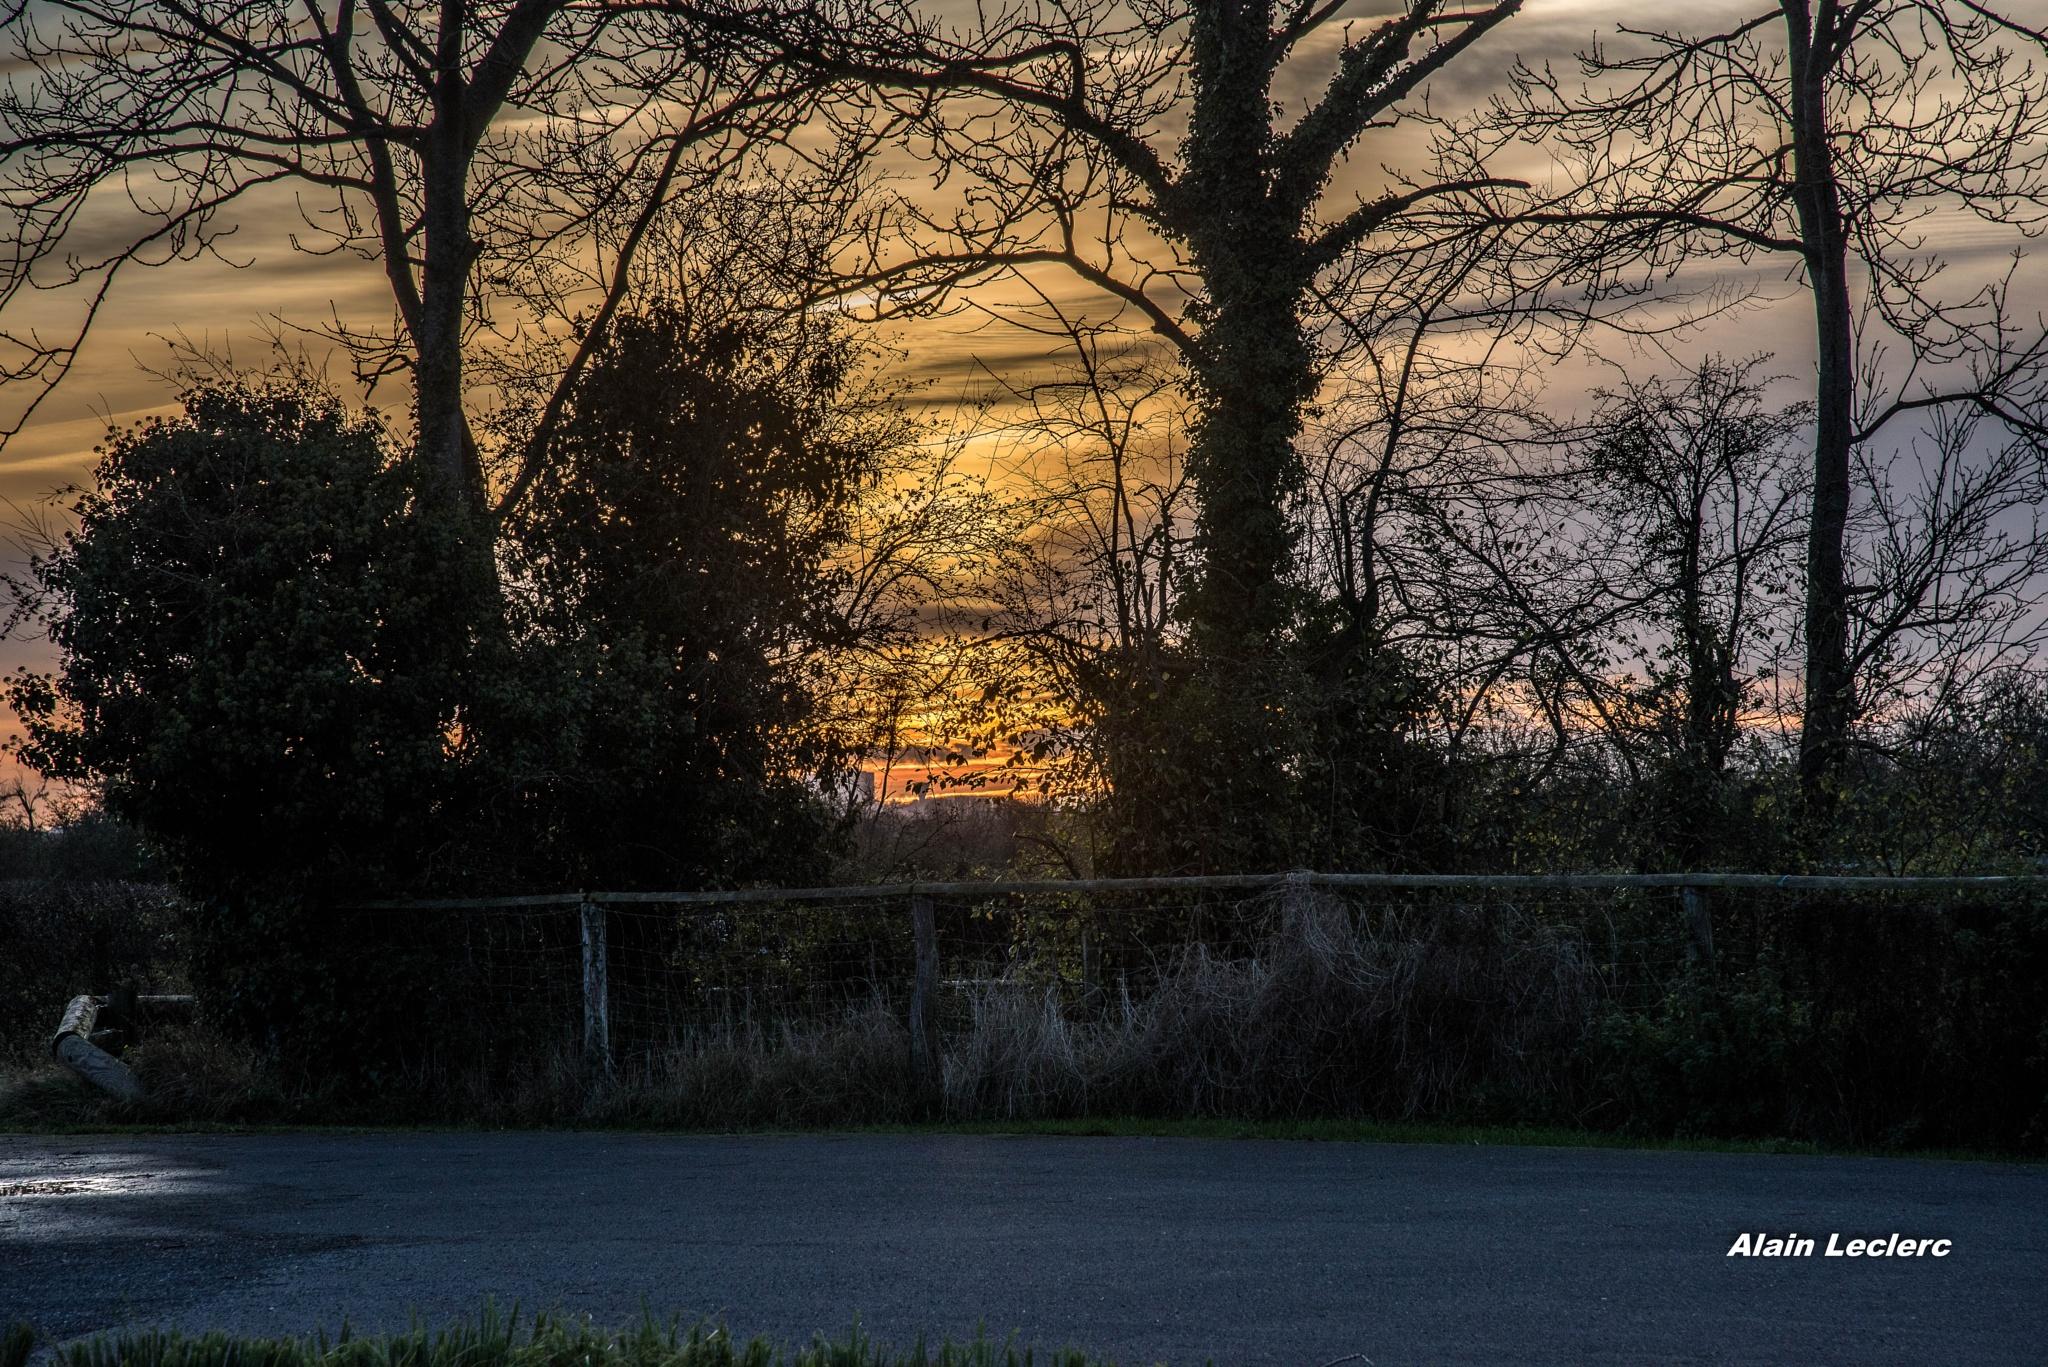 coucher de soleil maison de la nature Sallenelles (8222) by leclercalainmail